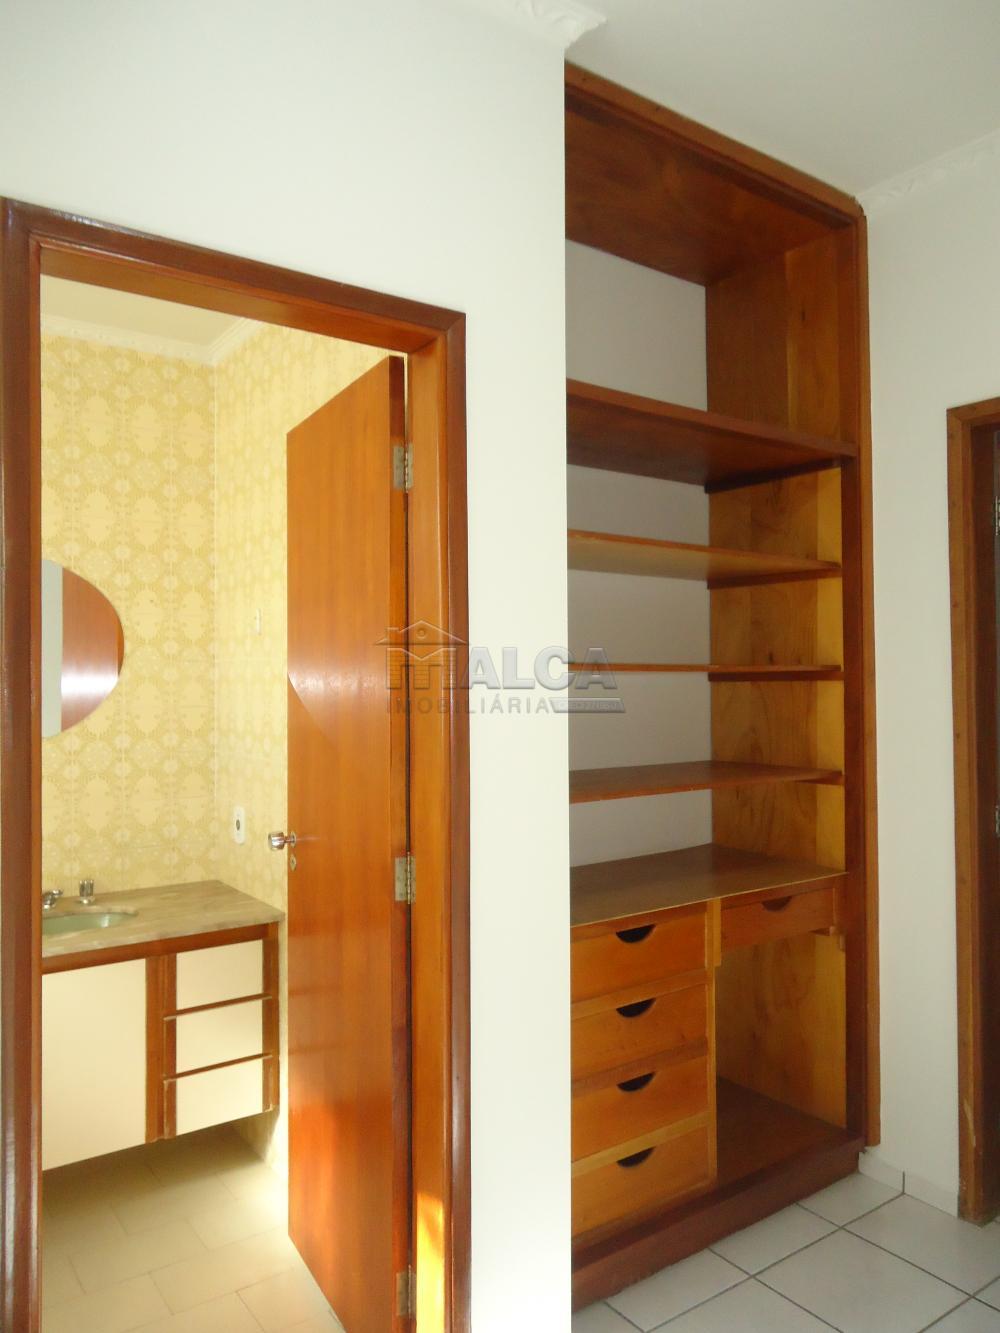 Alugar Casas / Padrão em São José do Rio Pardo apenas R$ 5.500,00 - Foto 36